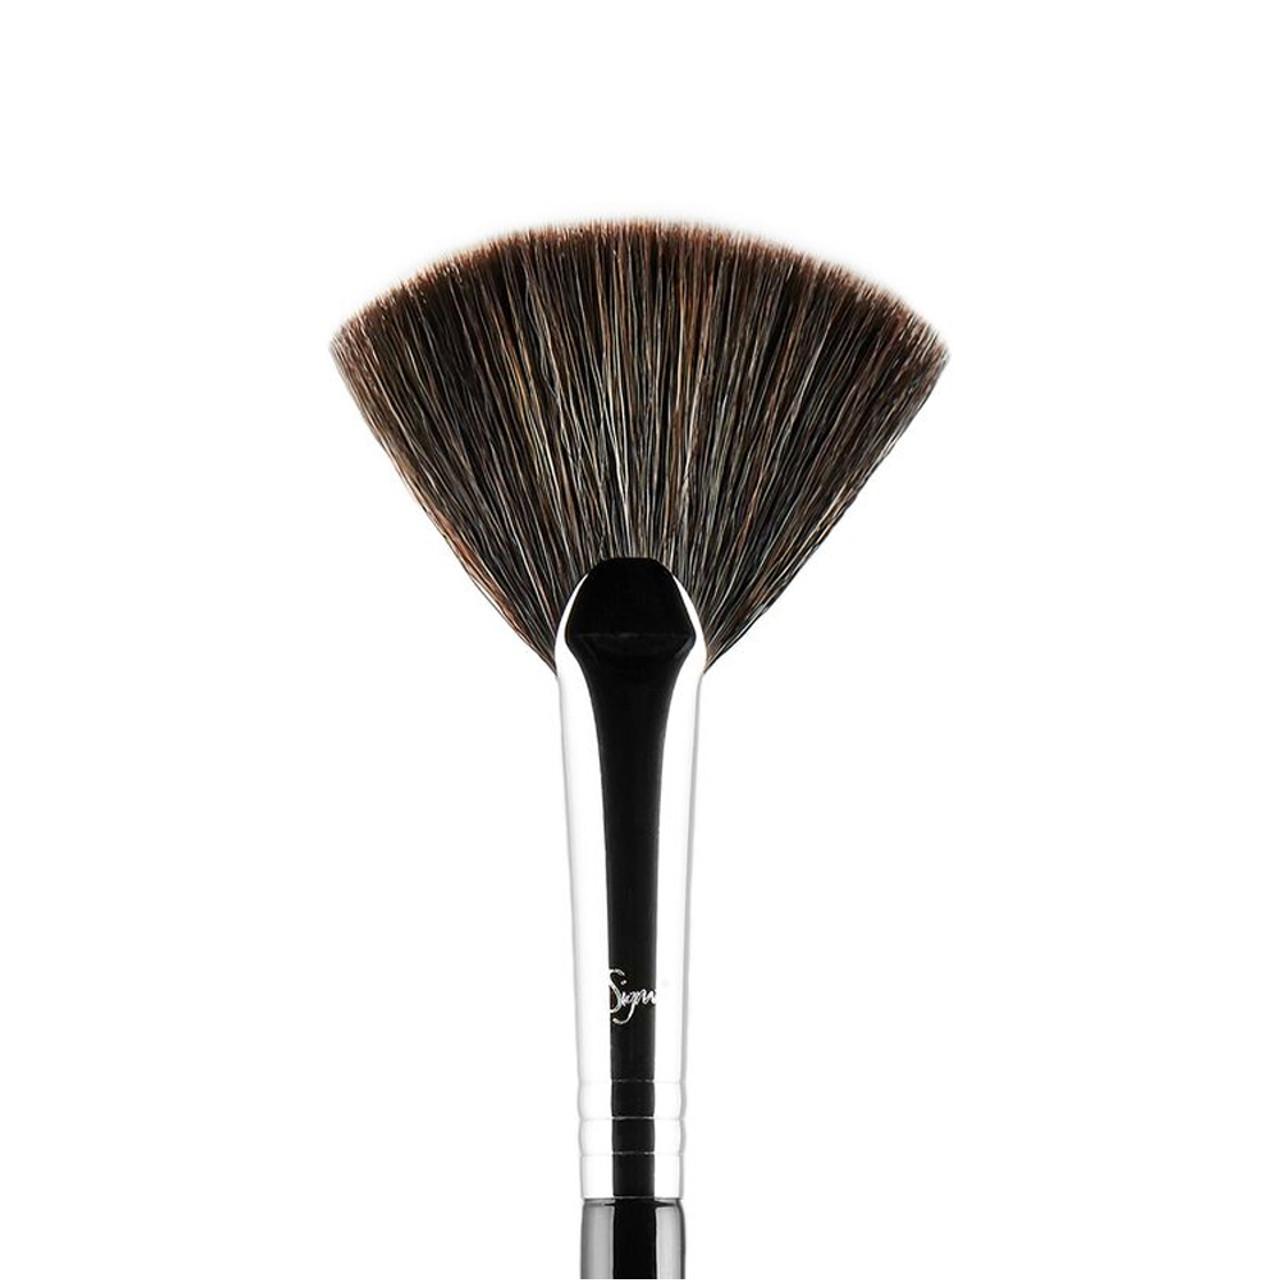 Sigma Beauty F42 - Strobing Fan BeautifiedYou.com